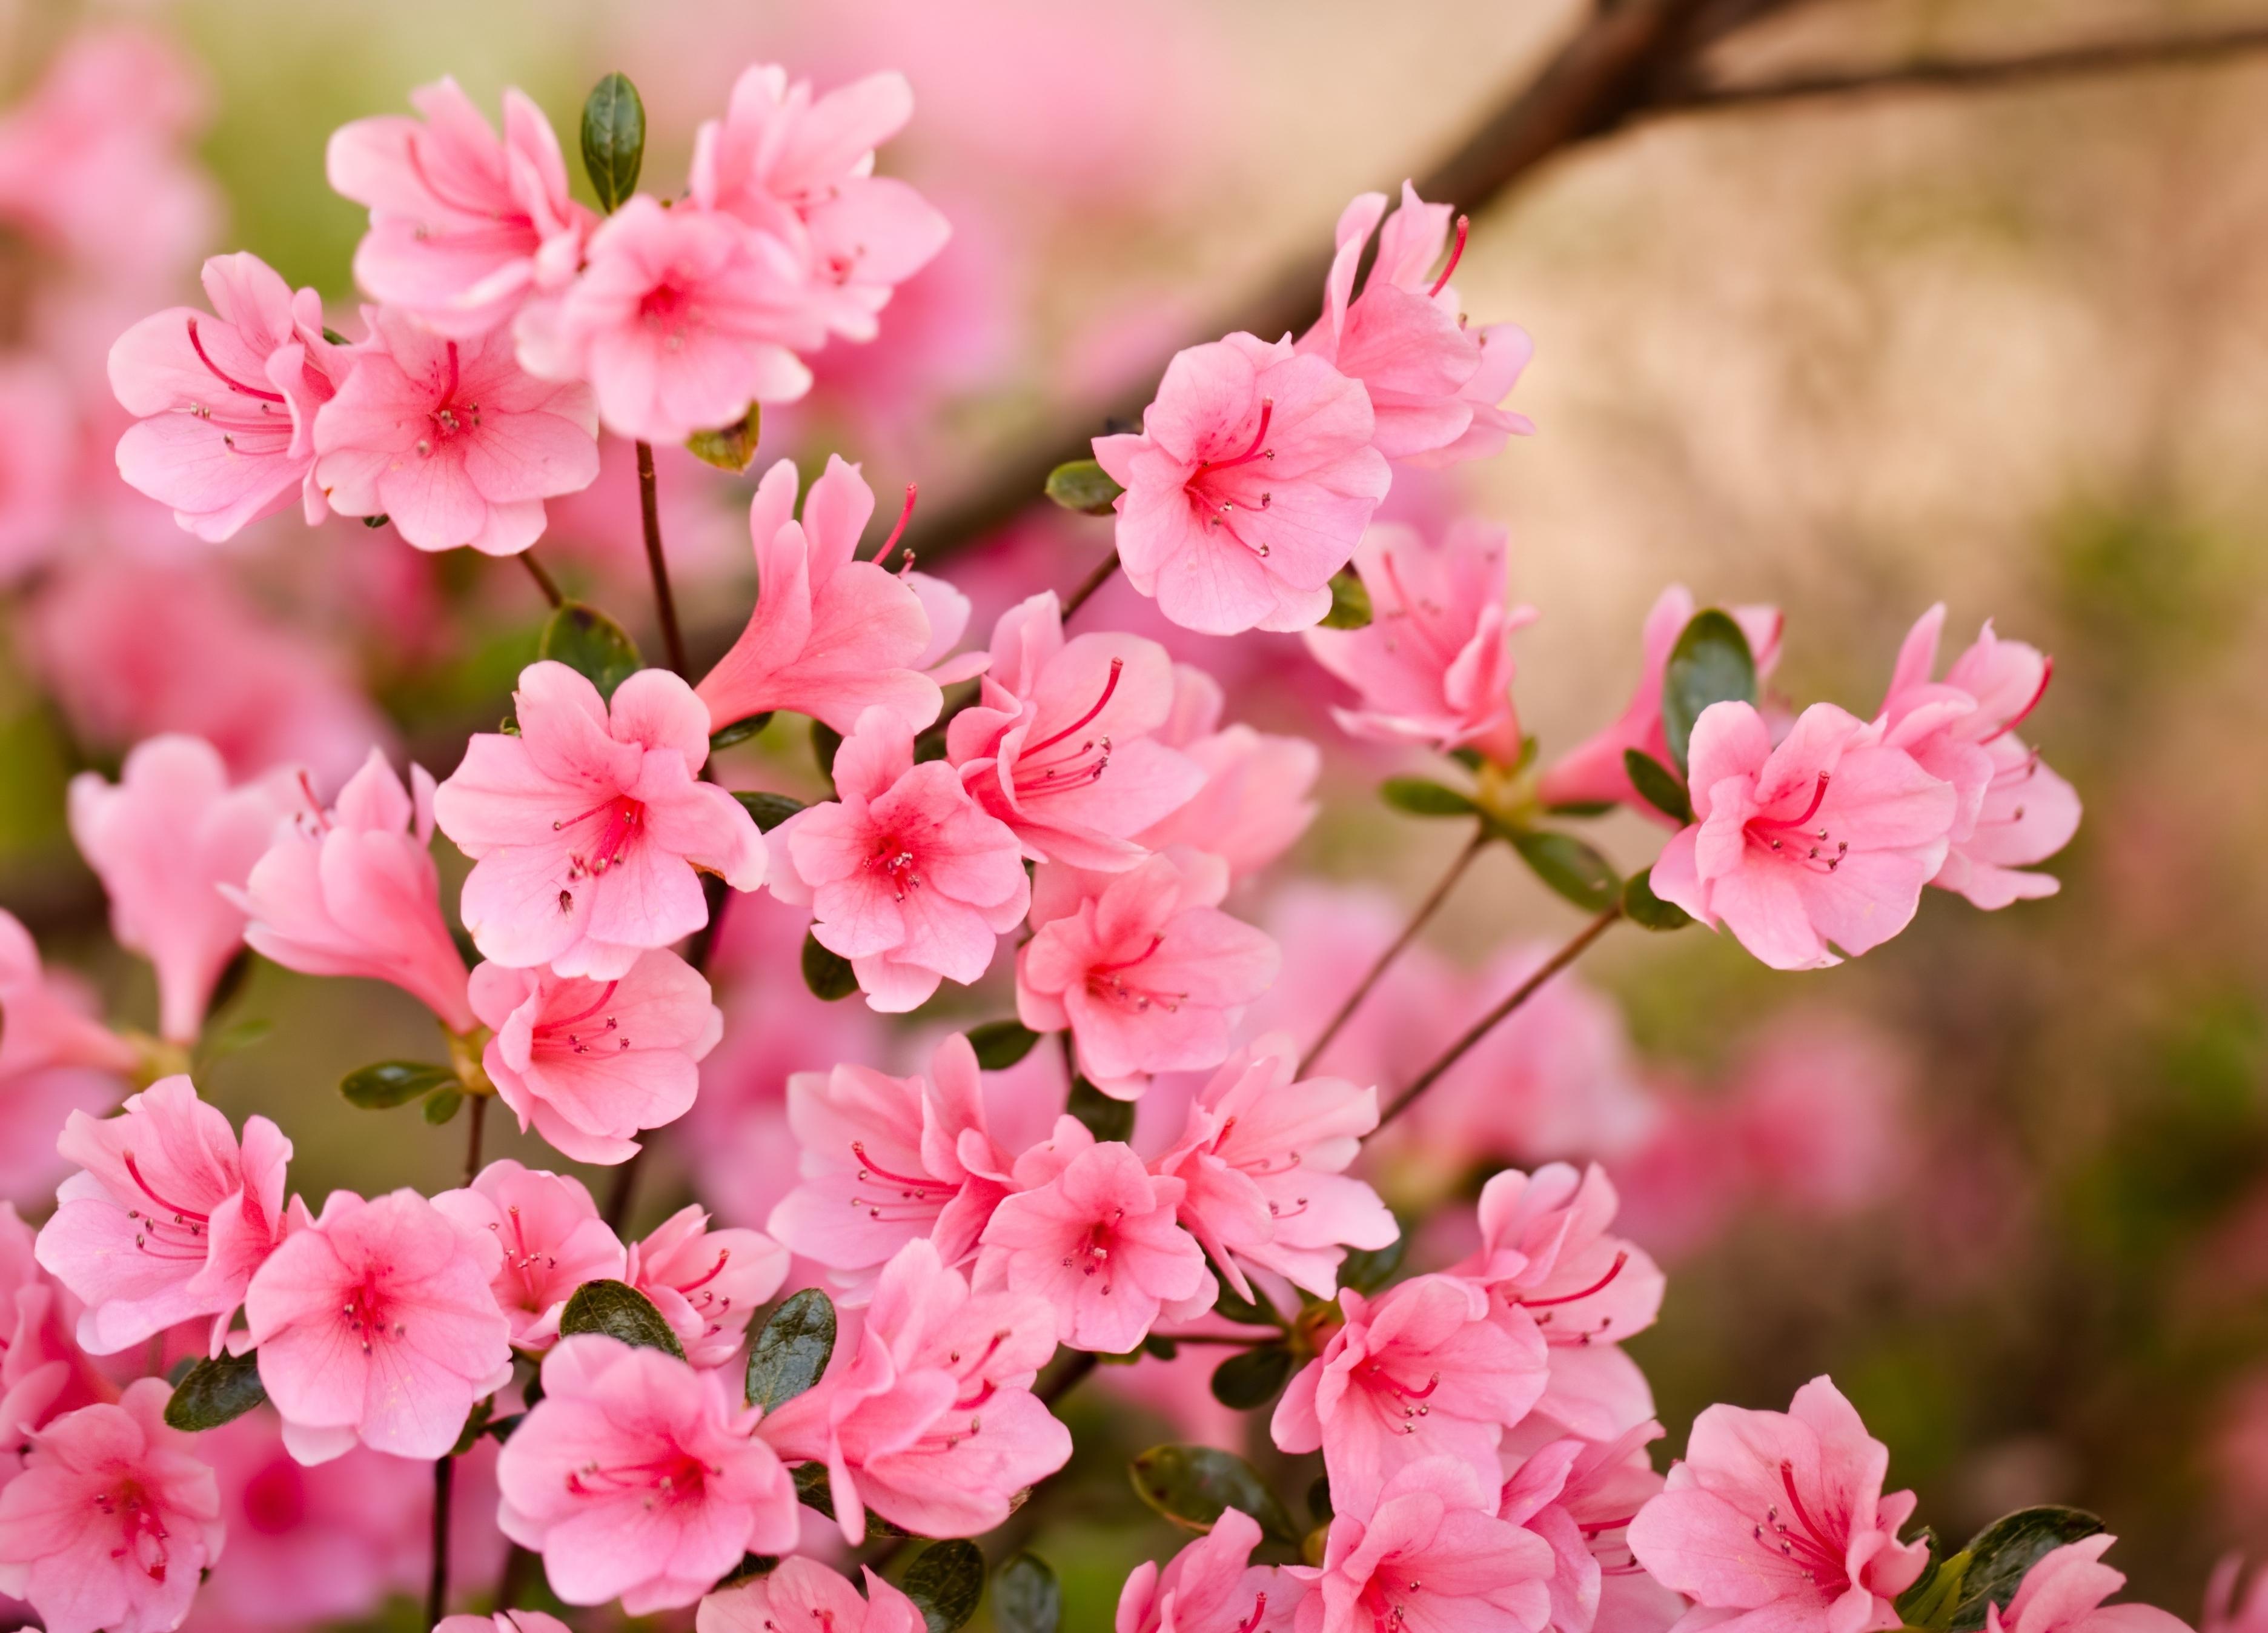 азалия лепестки цветы  № 3898098 загрузить